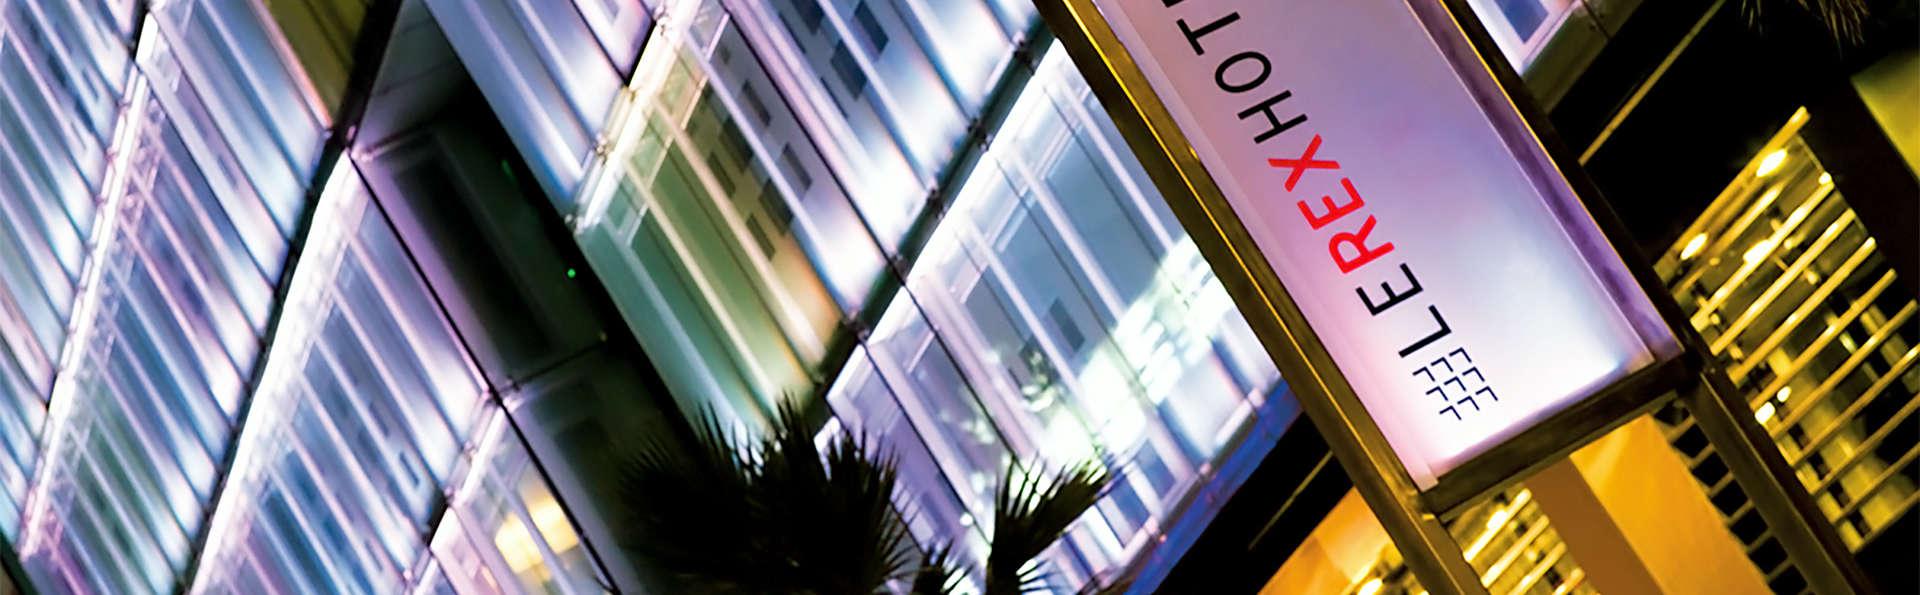 Séjour gourmand dans un hôtel design à Tarbes